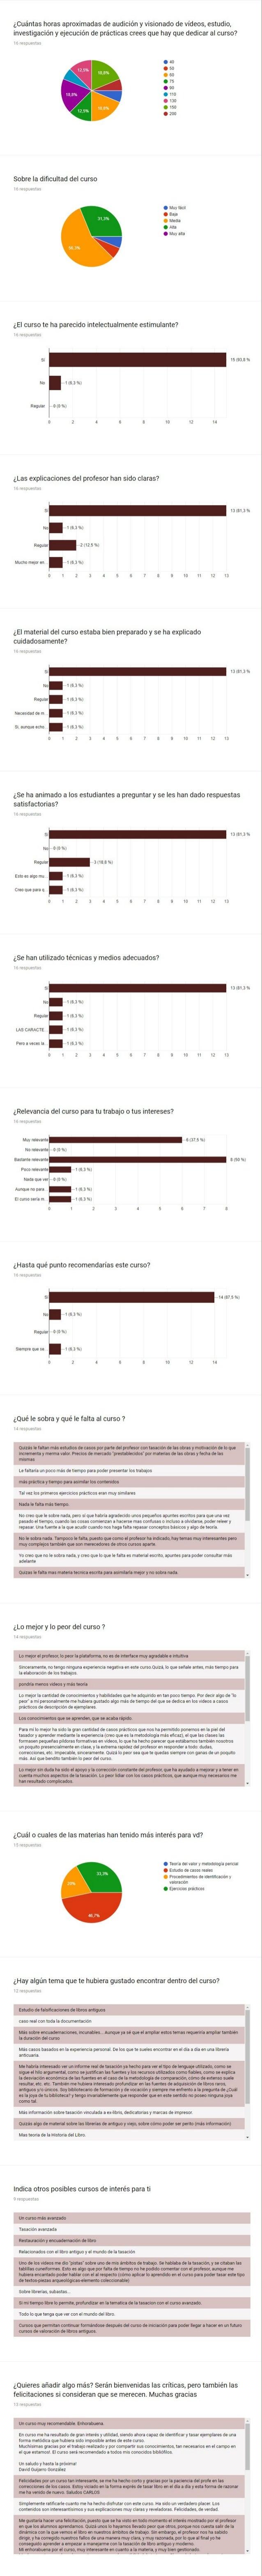 Encuesta anonima sobre la calidad del Curso de Tasacion de Libros de la Universidad de Leon